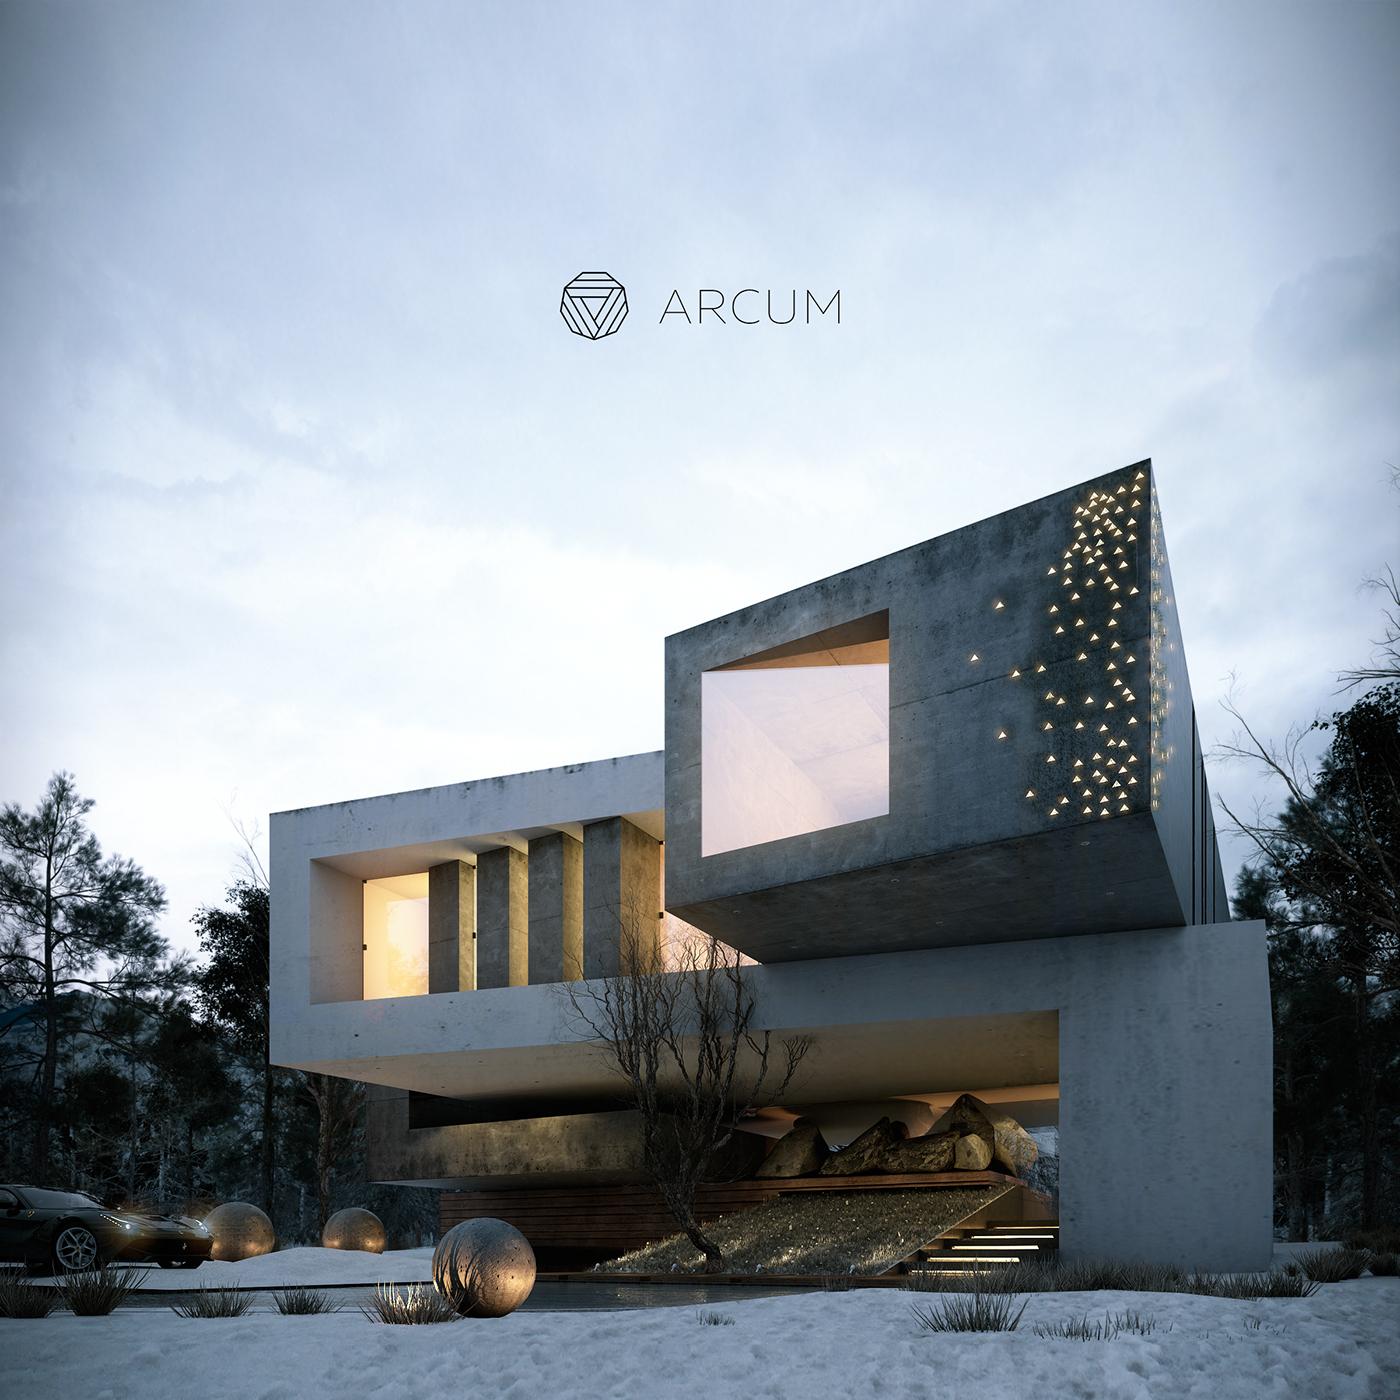 Home Front Elevation Designs : Aljha ledem on behance